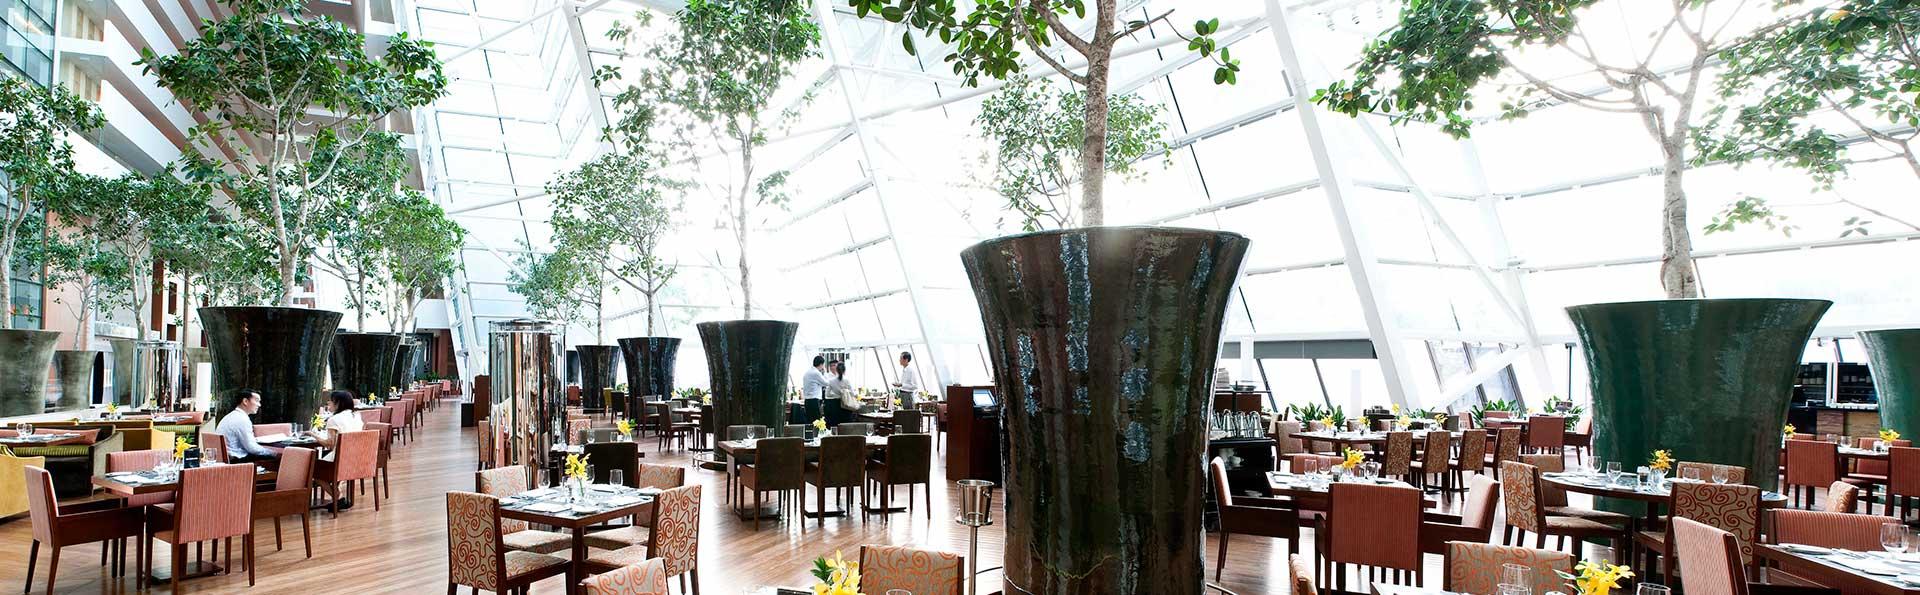 Marian green casino enterprise management